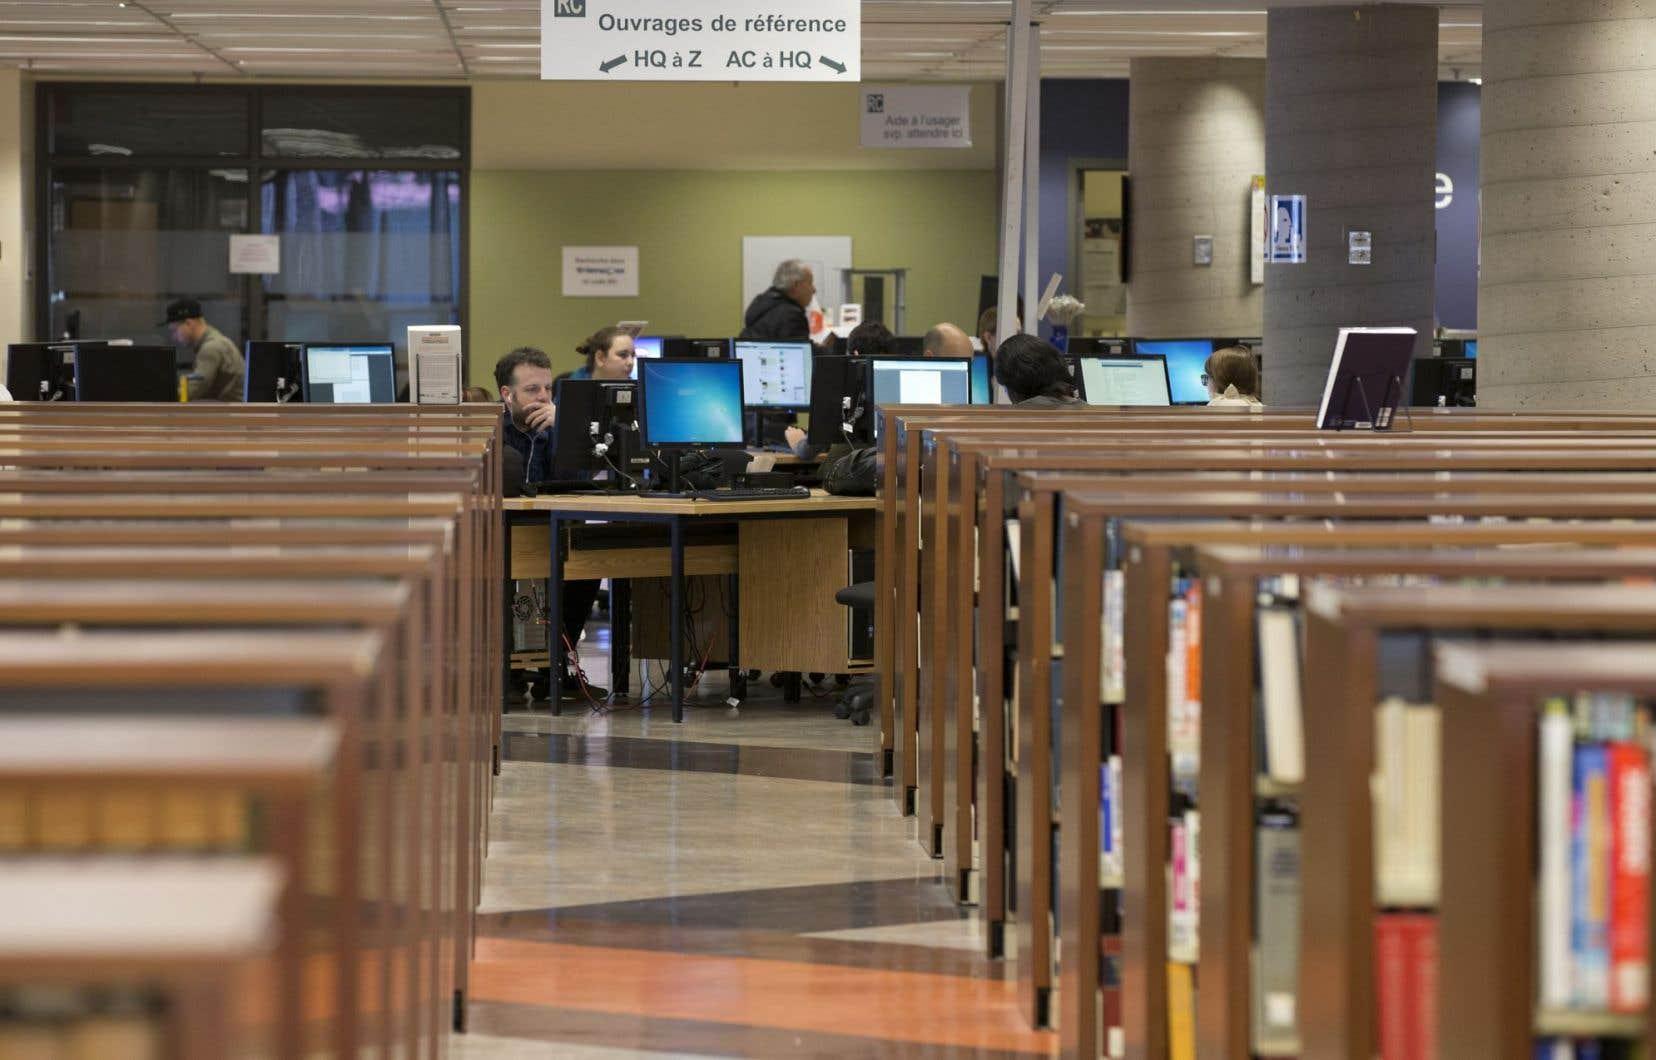 La bibliothèque centrale de l'UQAM